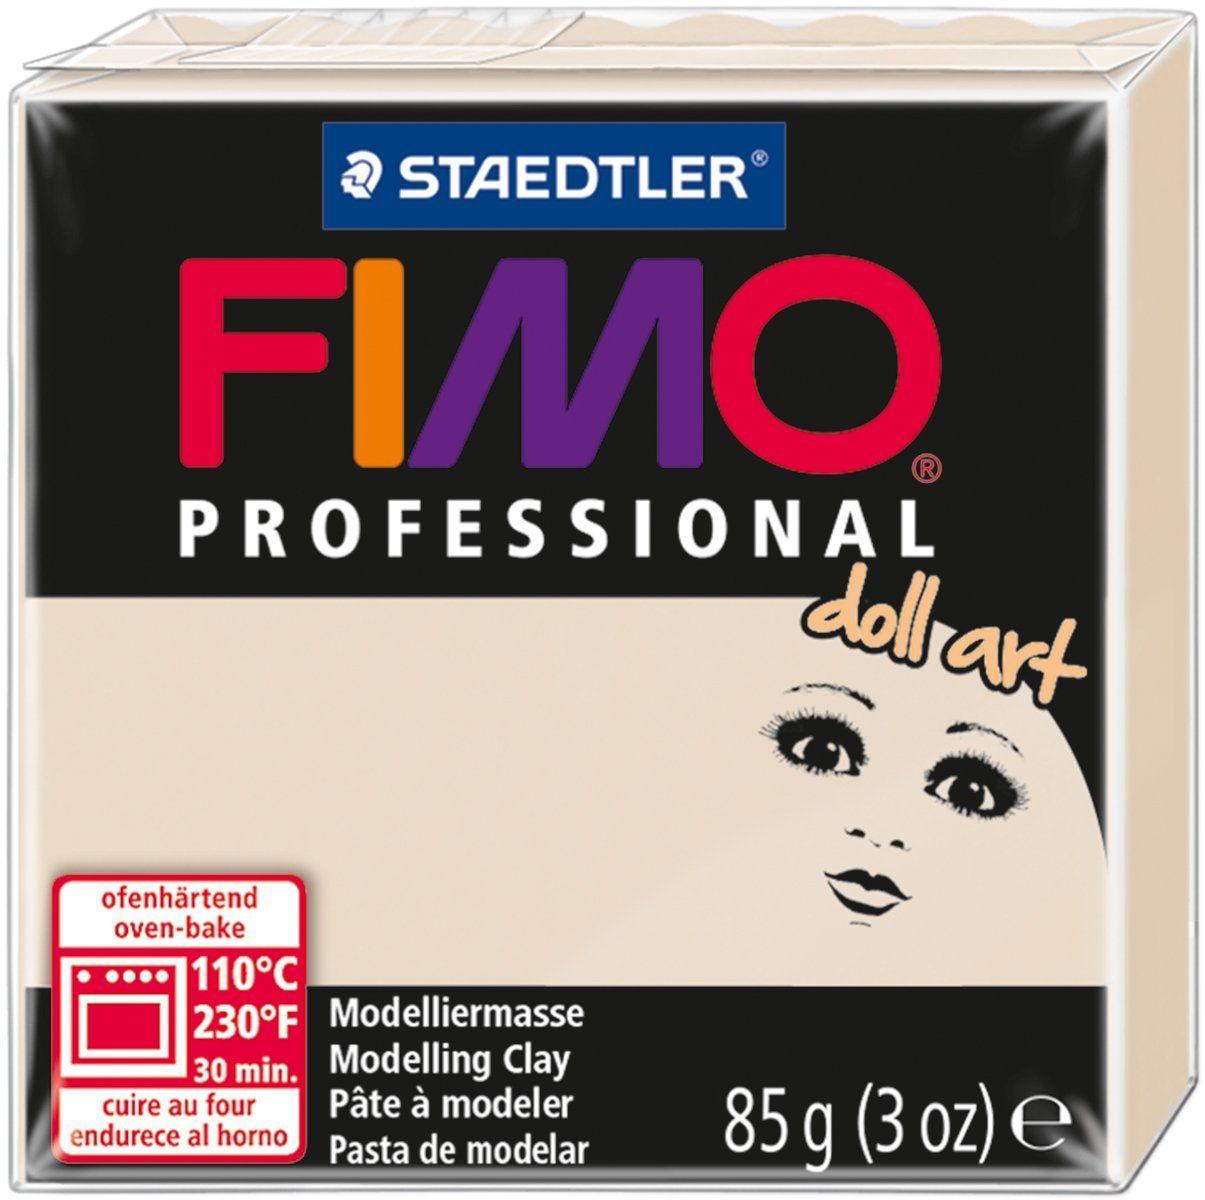 Глина полимерная Fimo Professional Doll Art, цвет: полупрозрачный бежевый, 85 г fimo effect полимерная глина 56 гр цвет синий металлик 8020 302